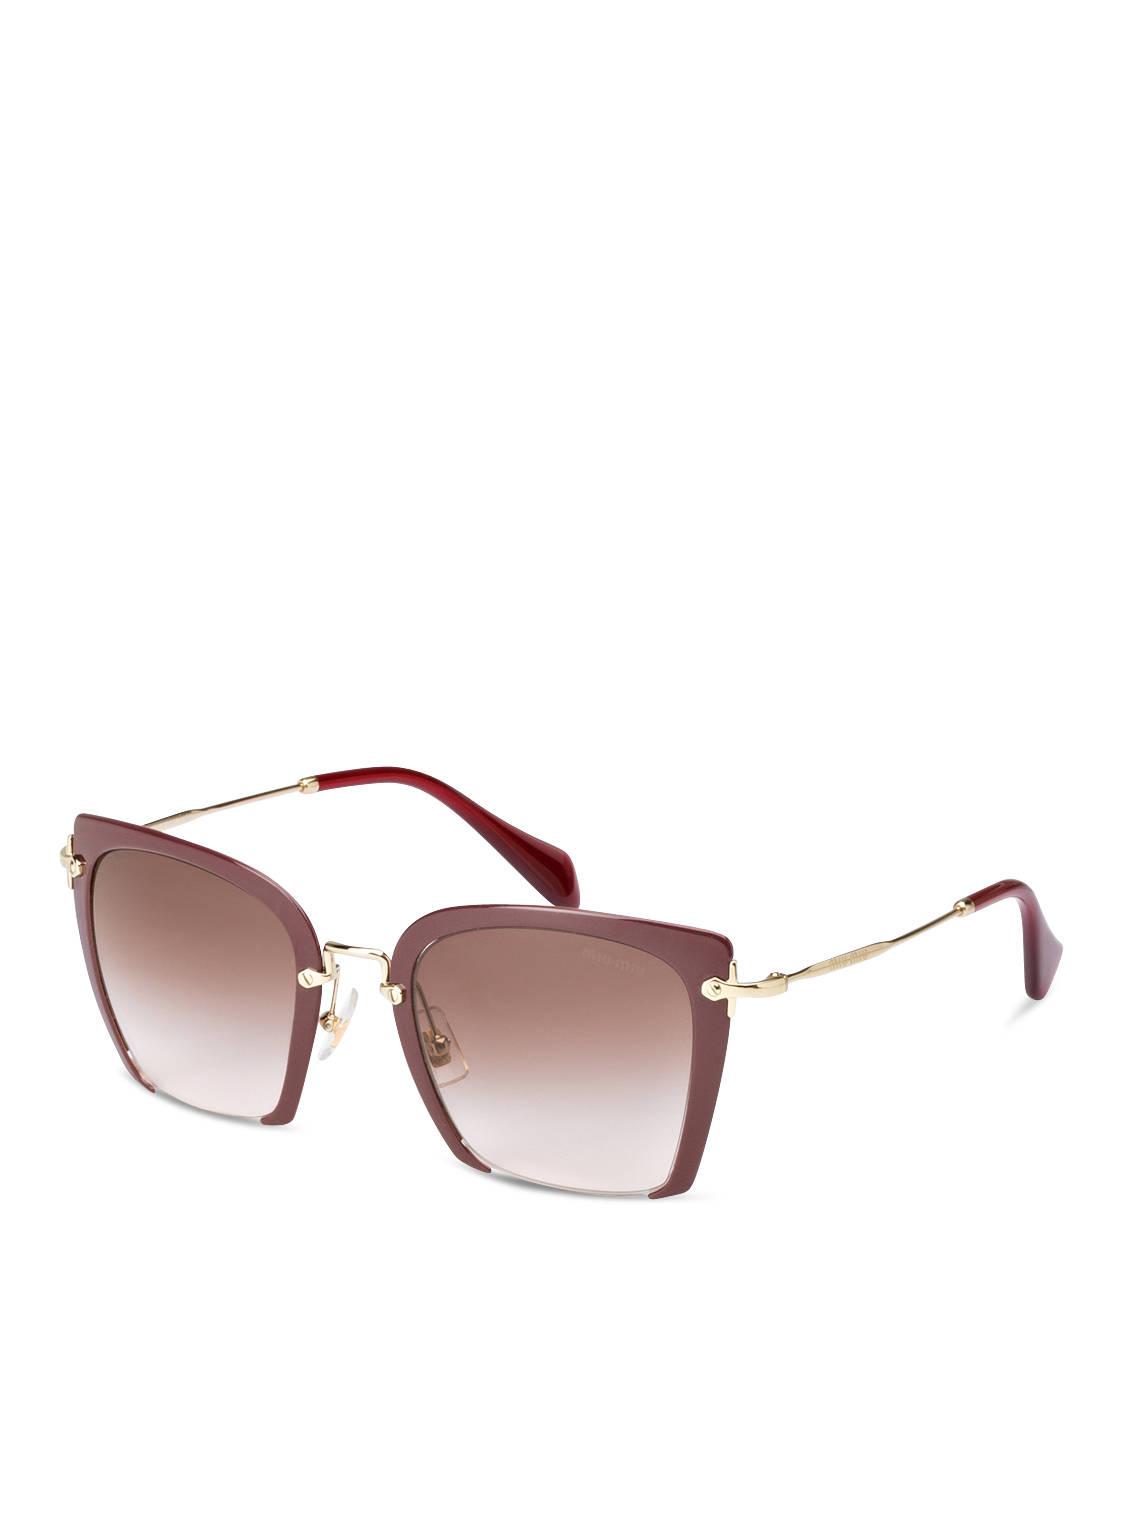 Artikel klicken und genauer betrachten! - Die Sonnenbrille MU 52 RS von MIU MIU bietet einen eleganten Ausblick. Die hervorragende Verarbeitung und die raffinierten Rahmendetails komplettieren den modernen Look des Damenmodells und bieten einen sicheren und stilvollen Schutz vor UV-Strahlen. Details: Eckige Gläser mit Verlauf. Gläser aus Kunststoff. Rahmen aus Kunststoff und Metall. Label-Schriftzug auf den Bügeln. Unterschiedliche UV-Schutzkategorie je nach Modell. UV 400 Filter. Inkl. Brillenetui. Maße: Gesamtbreite: 148 mm. Bügellänge: 140 mm.   im Online Shop kaufen